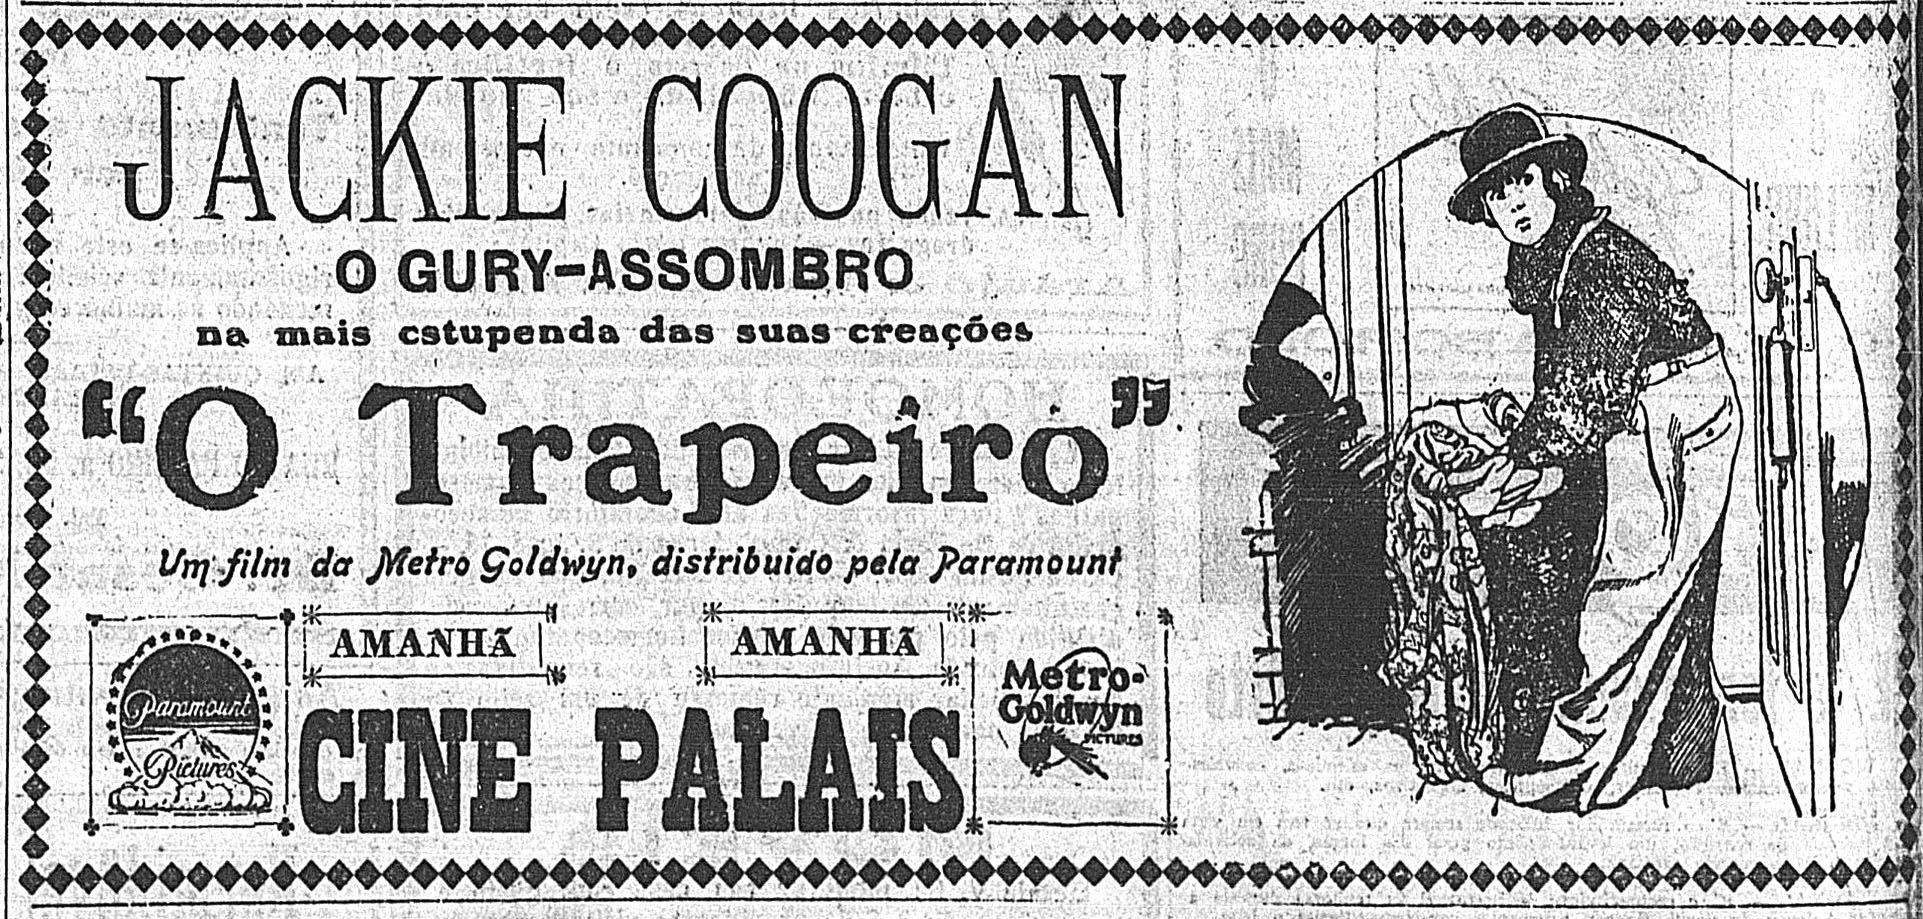 1925 - THE RAG MAN - Edward F. Cline - (CORREIO DA MANHA, Sunday, September 13, 1925, Rio de Janeiro, Brazil)